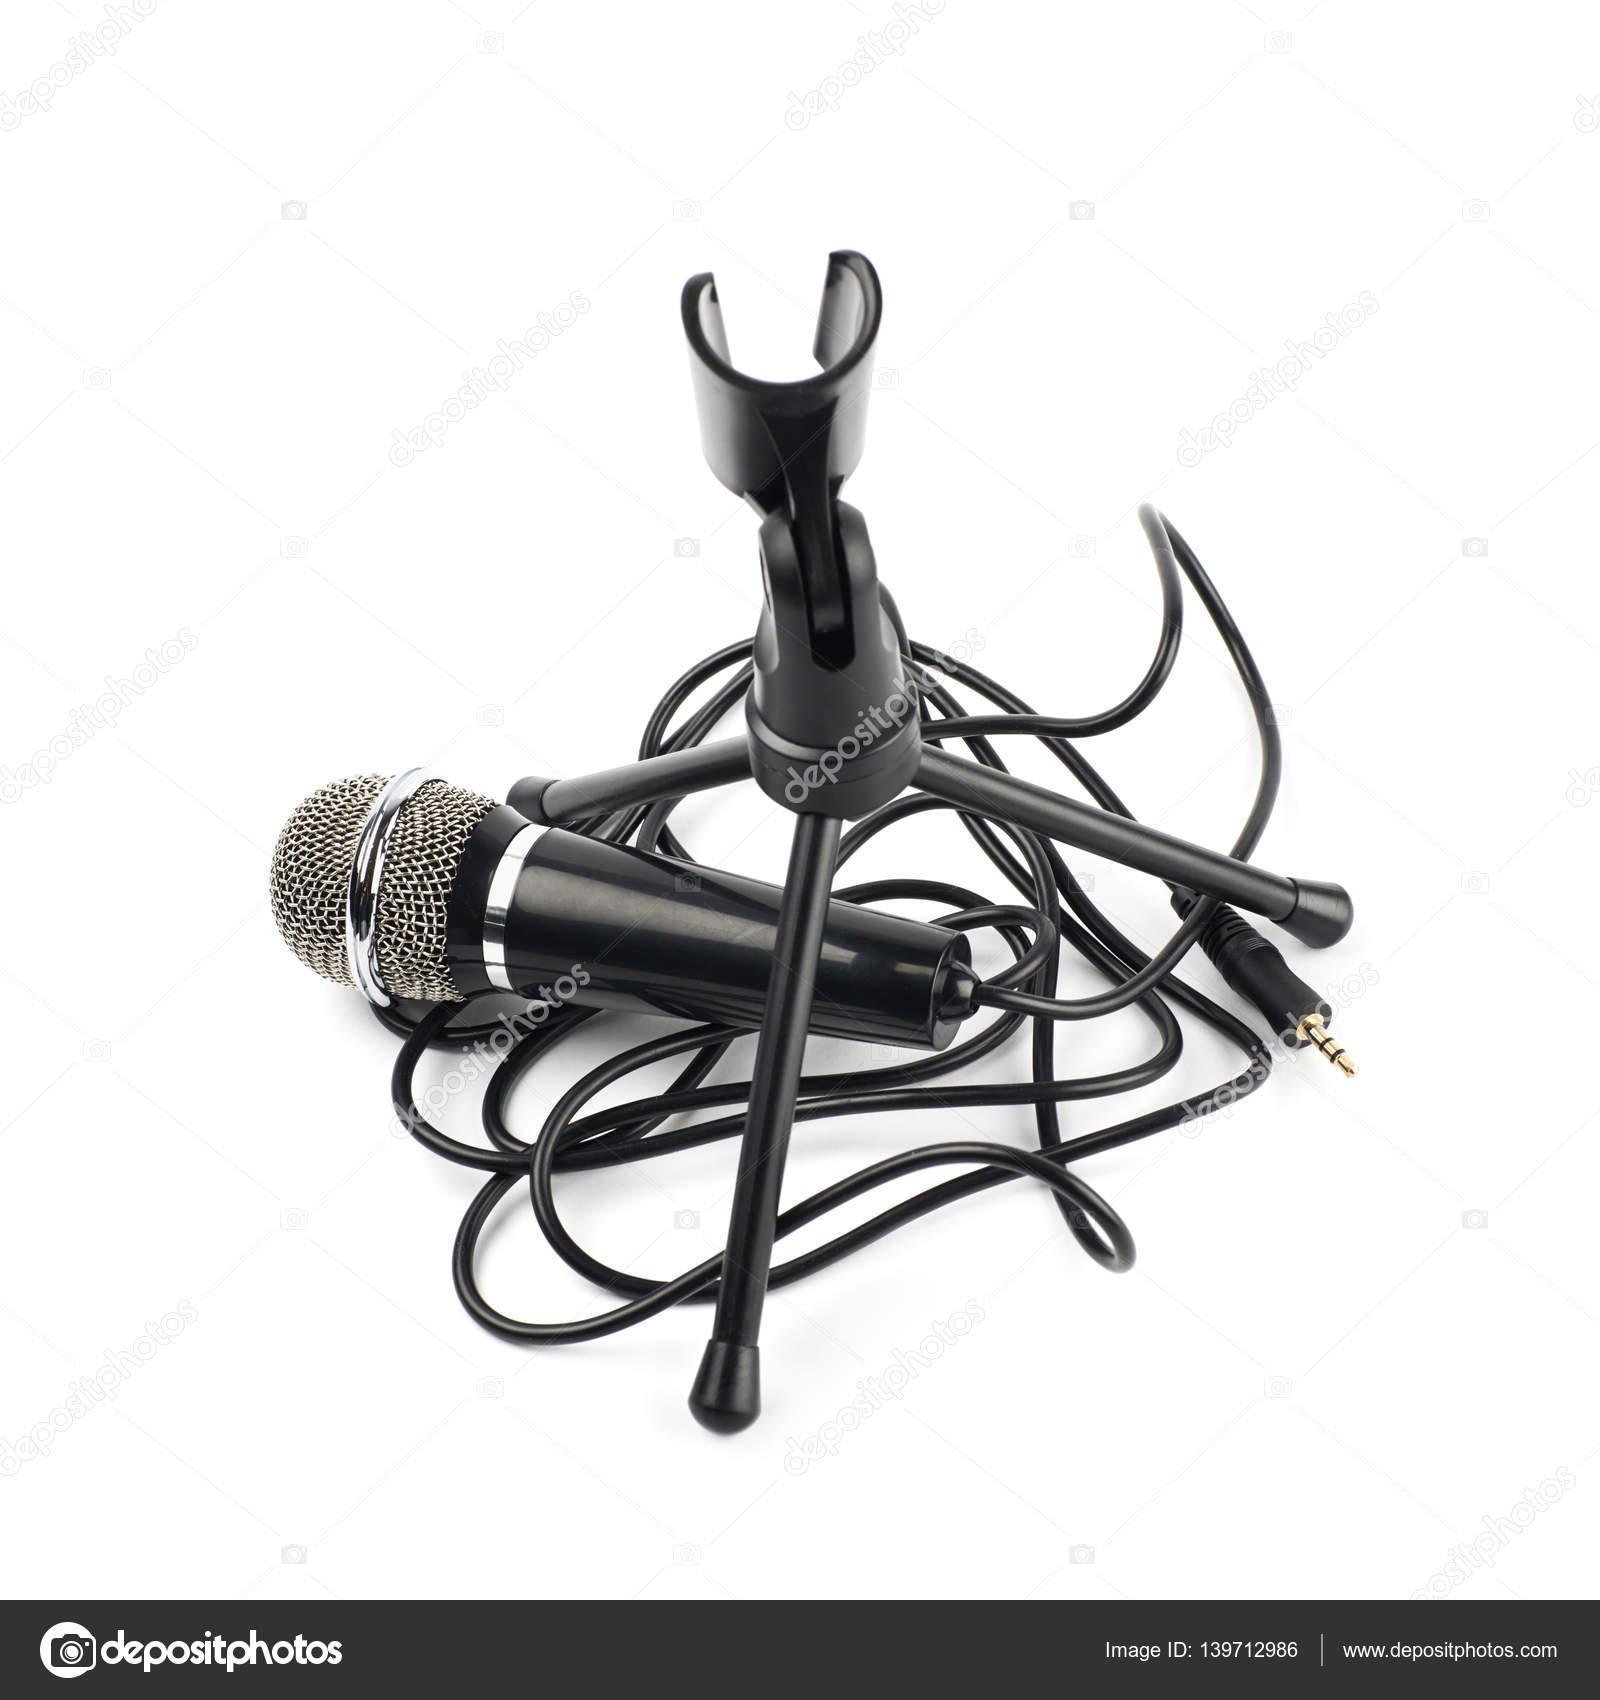 Micrófono y un bastidor de soporte aislados — Fotos de Stock ...